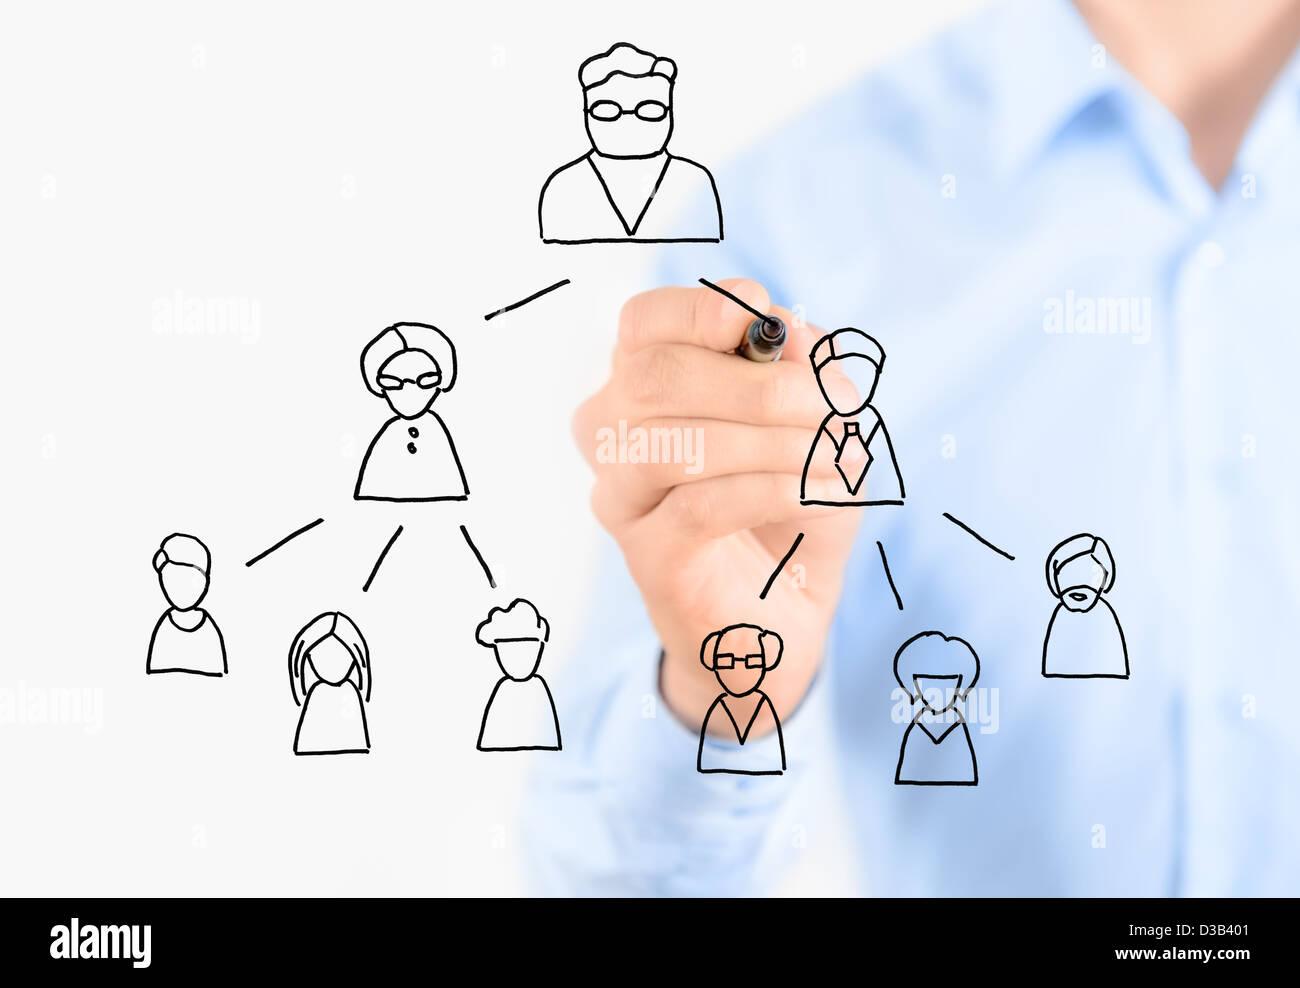 Empresário regime de comercialização de vários níveis de desenho. Isolado no branco. Imagens de Stock